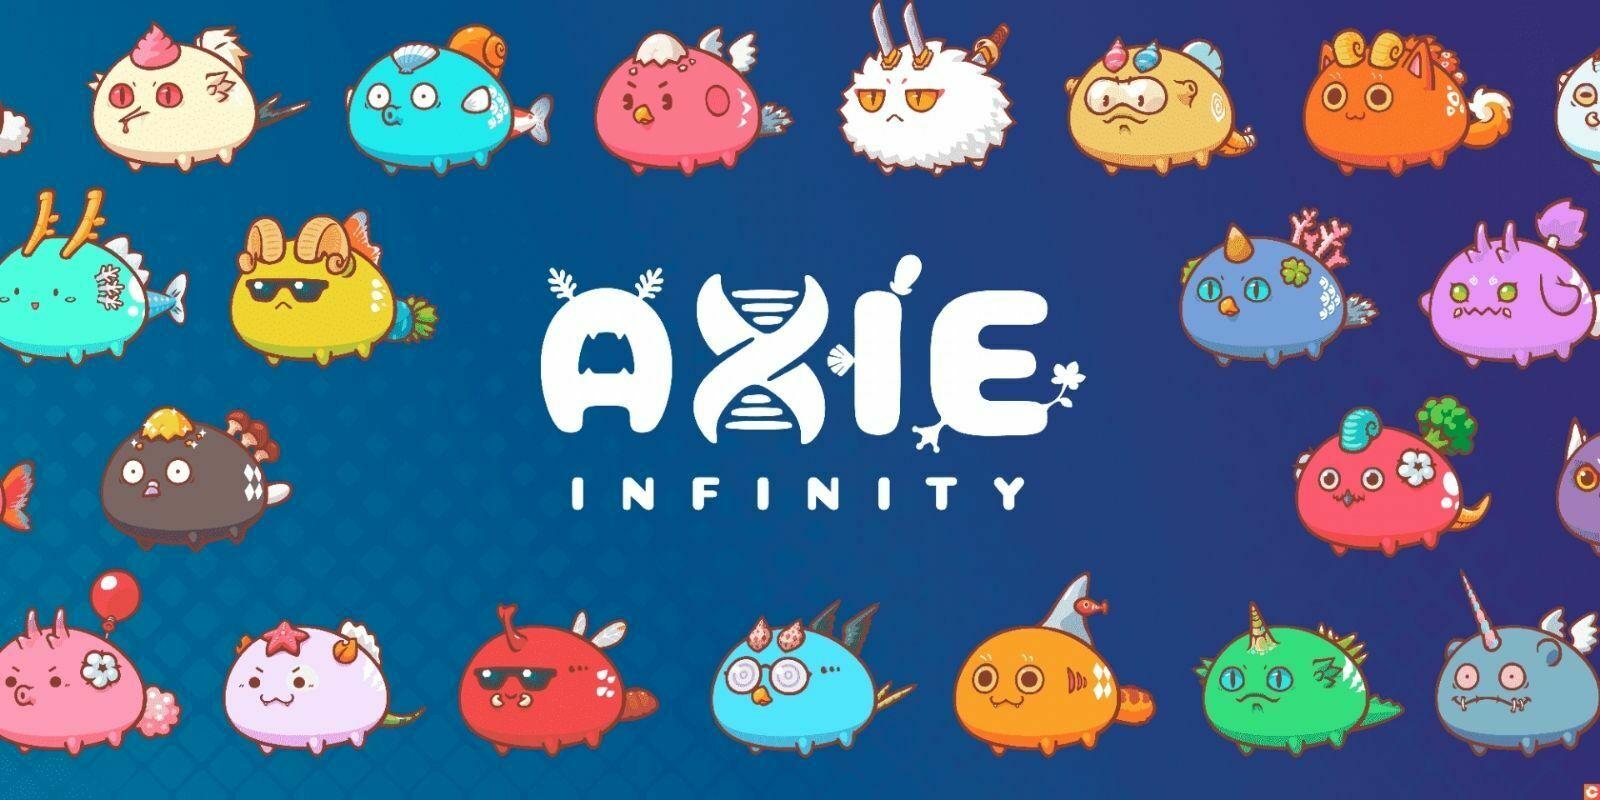 Le développeur du jeu blockchain Axie Infinity lève 7,5 millions de dollars